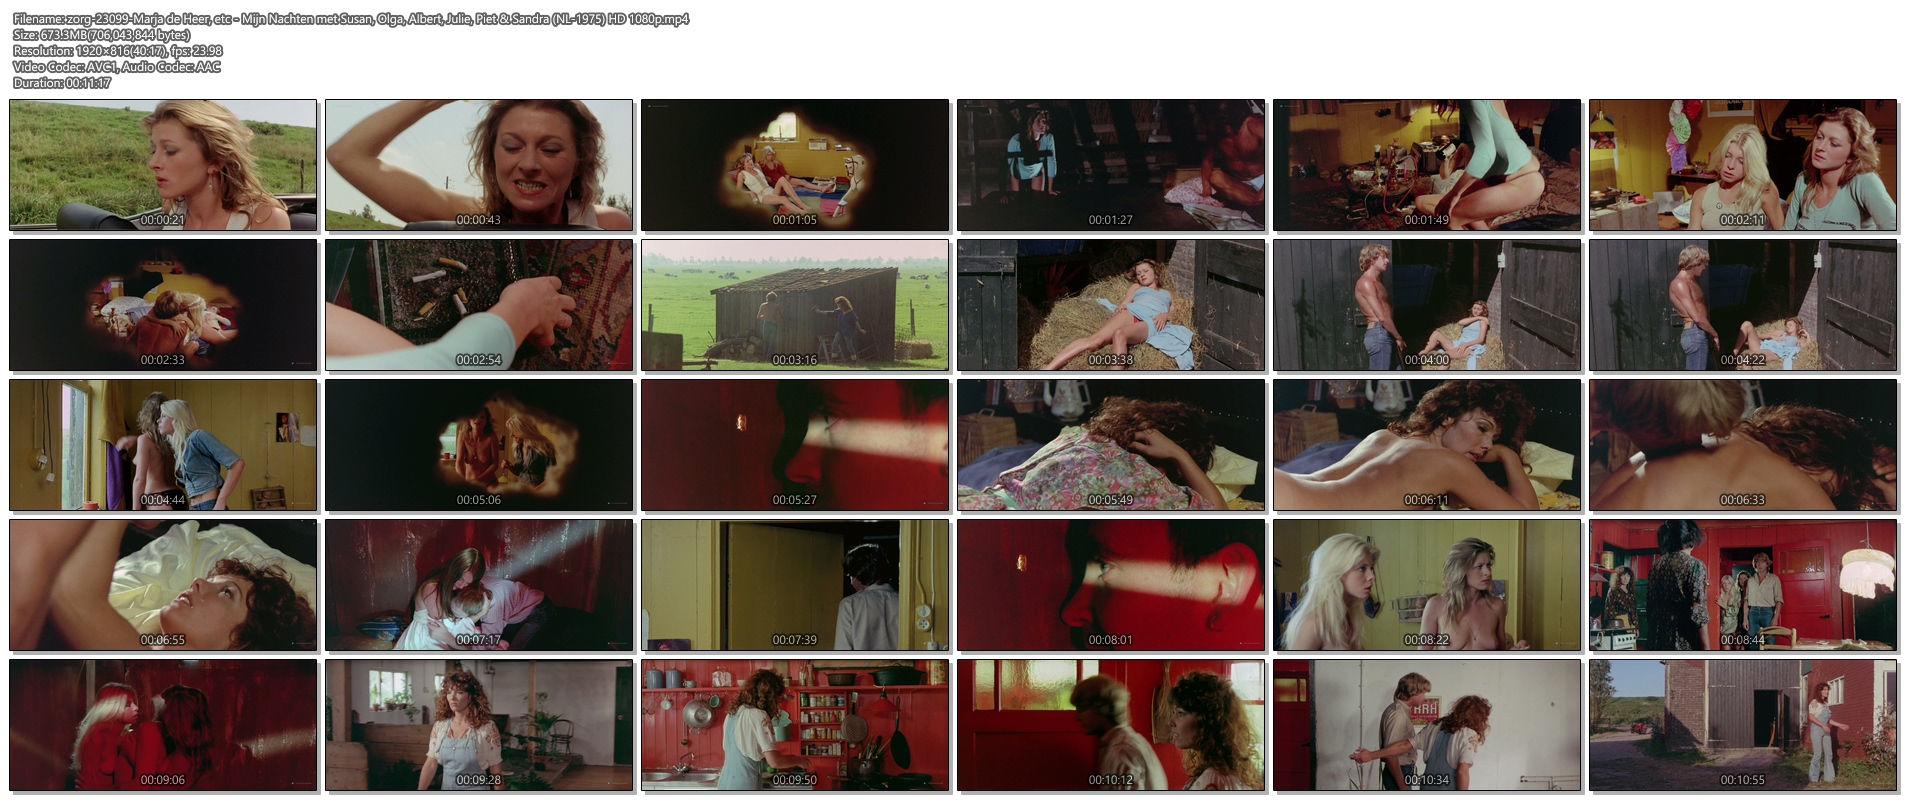 Marja de Heer nude full frontal others nude too - Mijn Nachten met Susan, Olga, Albert, Julie, Piet & Sandra (NL-1975) HD 1080p (1)